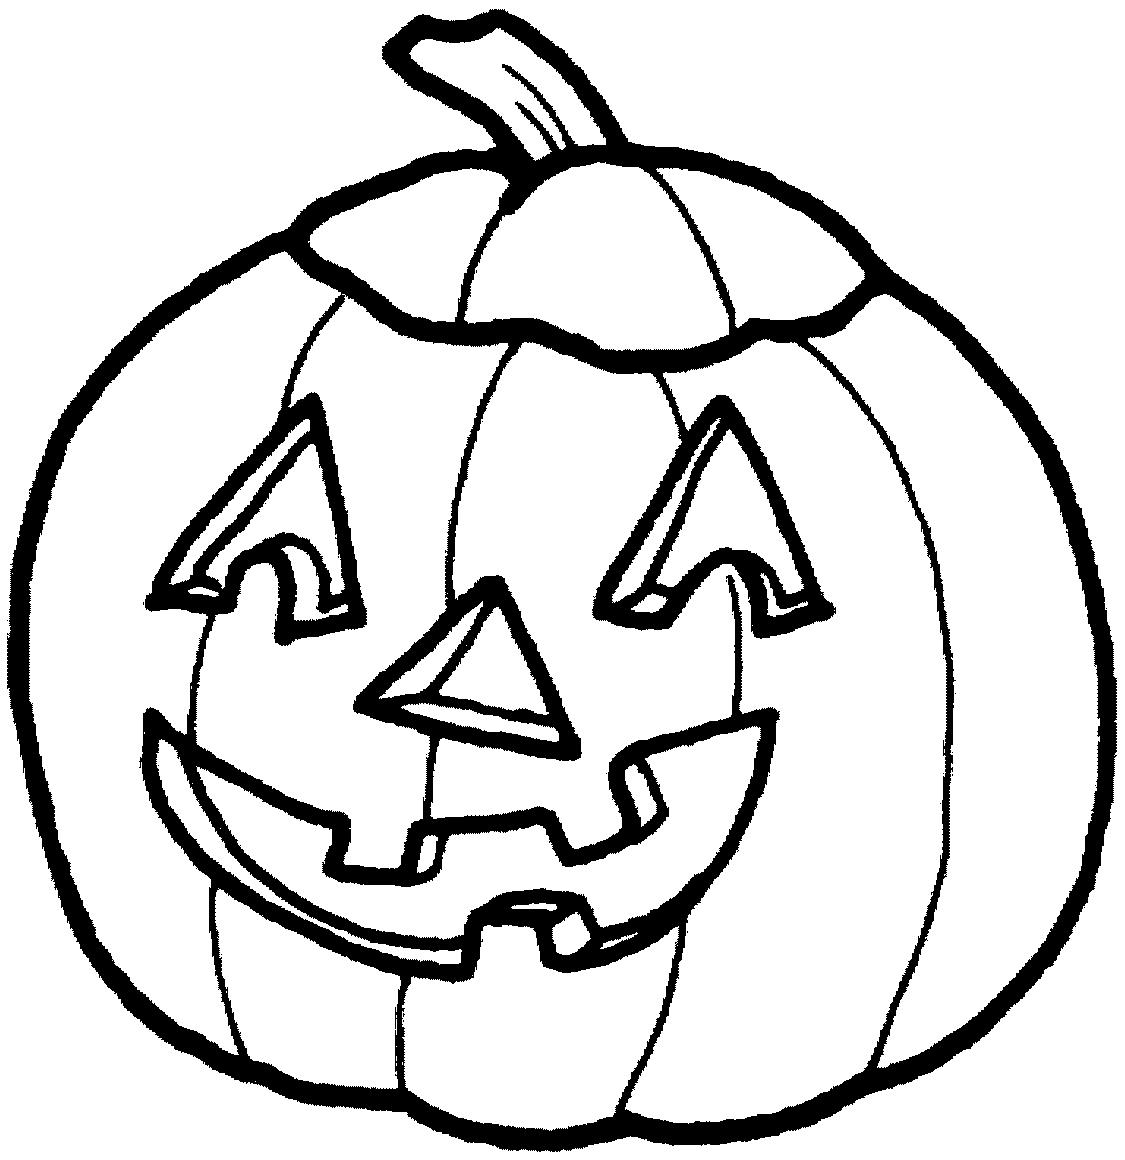 Calabaza de Halloween   Halloween   Pinterest   Calabazas de ...